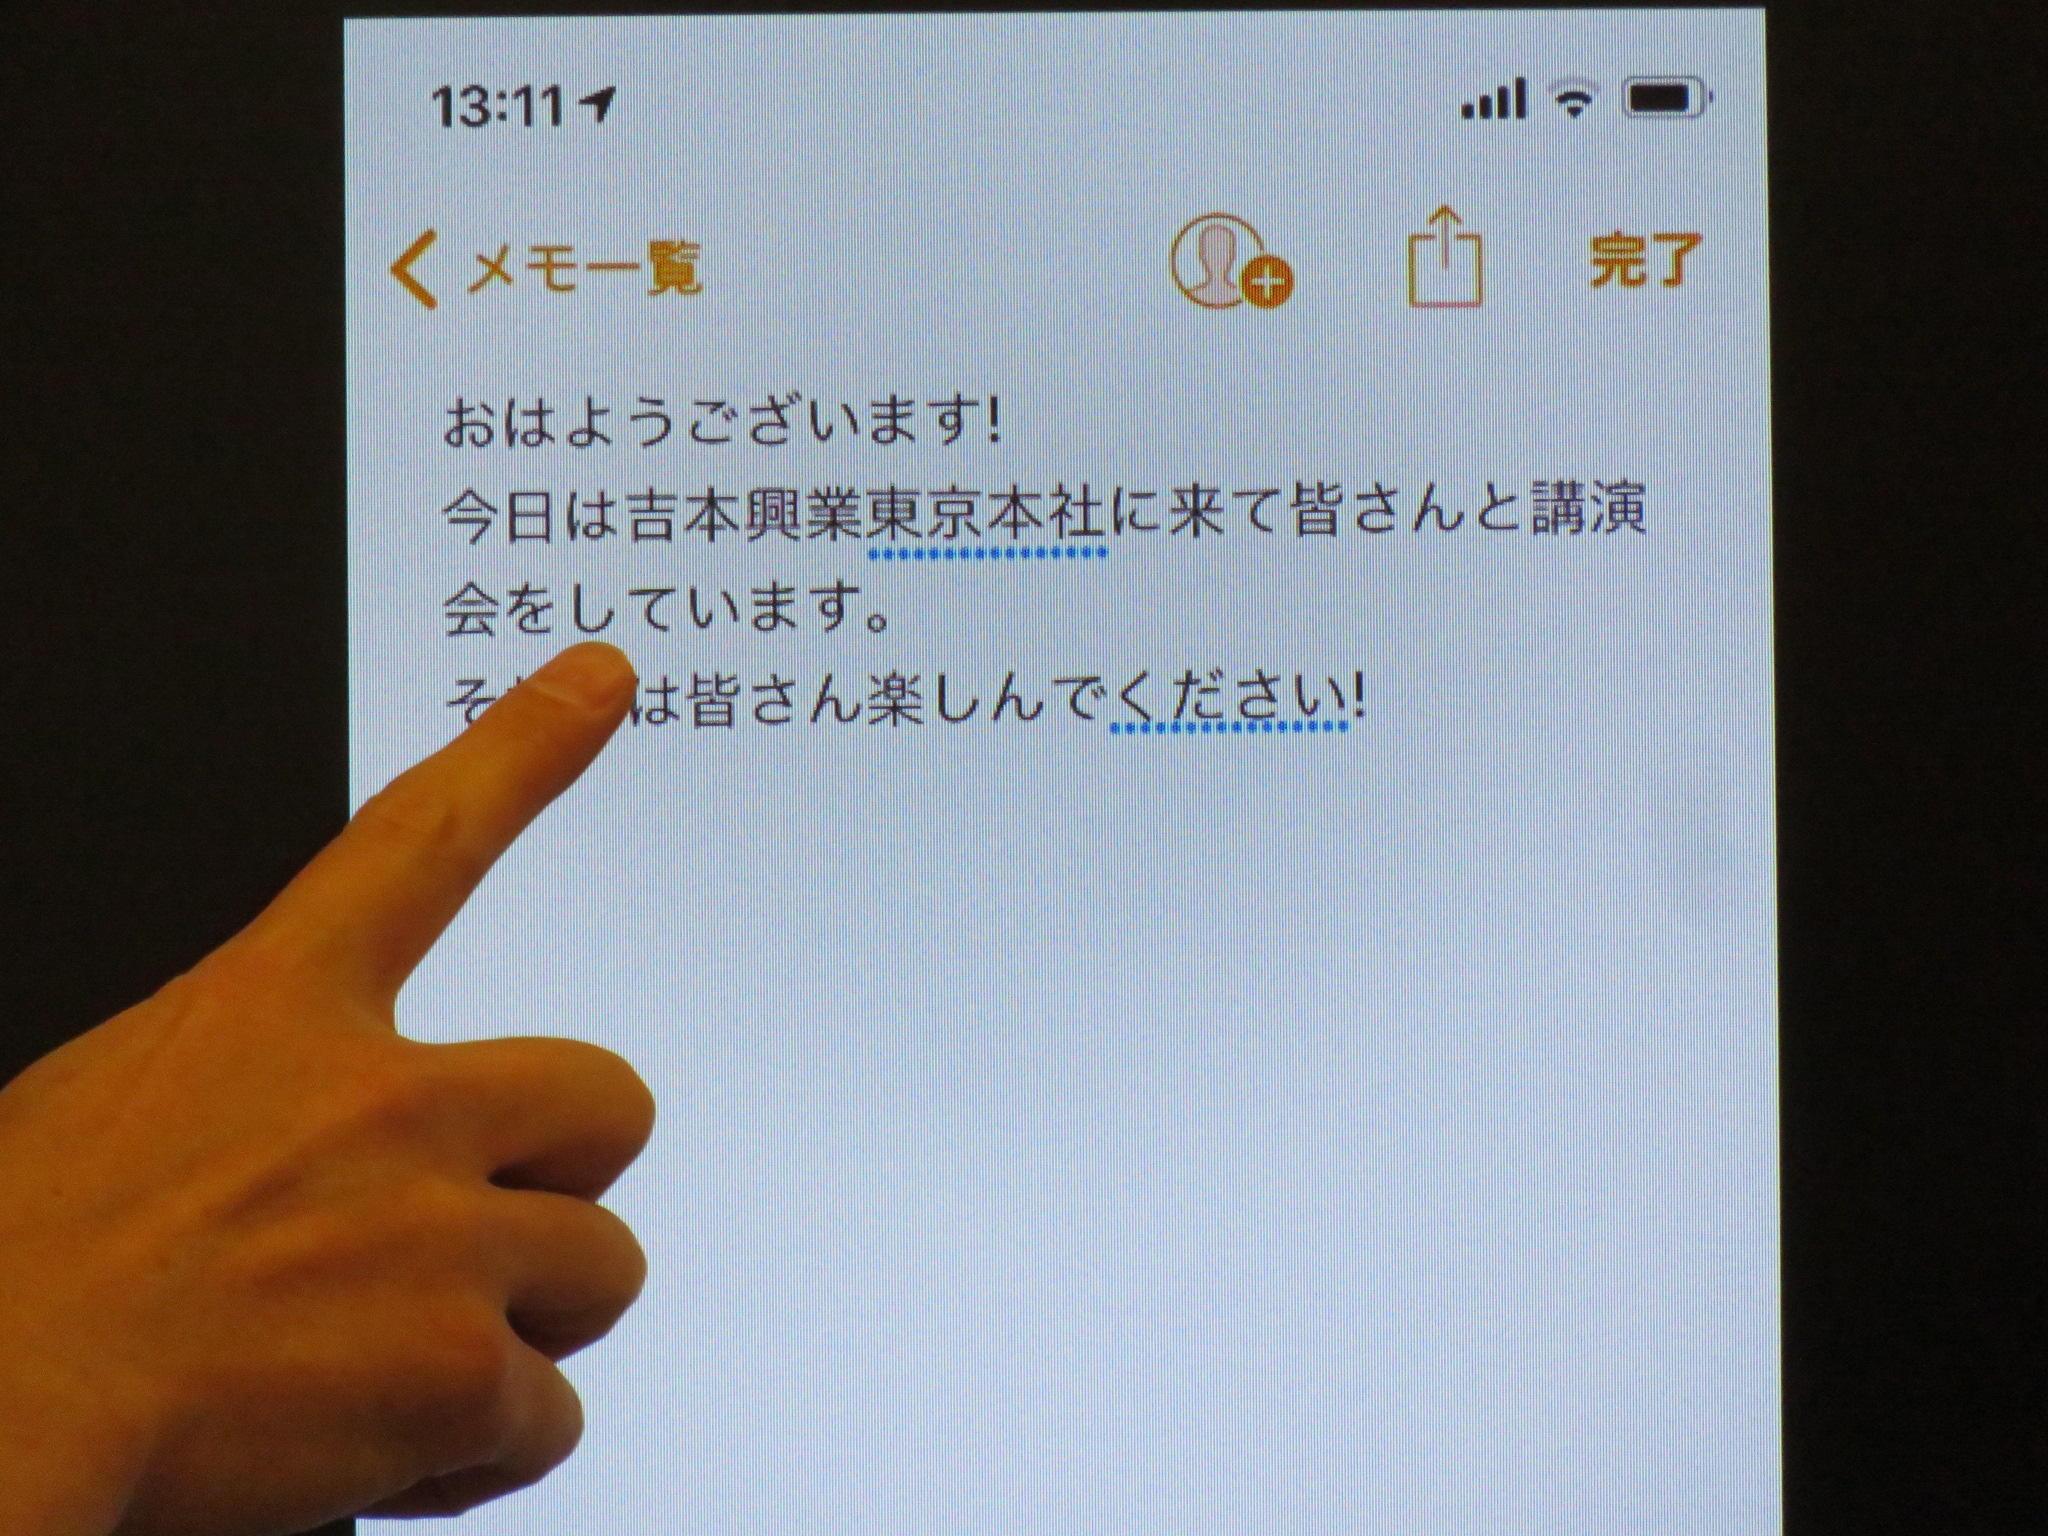 http://news.yoshimoto.co.jp/20190201195316-3120e6d72fe4a77784ca6adb32beaeac5c6cadfc.jpg